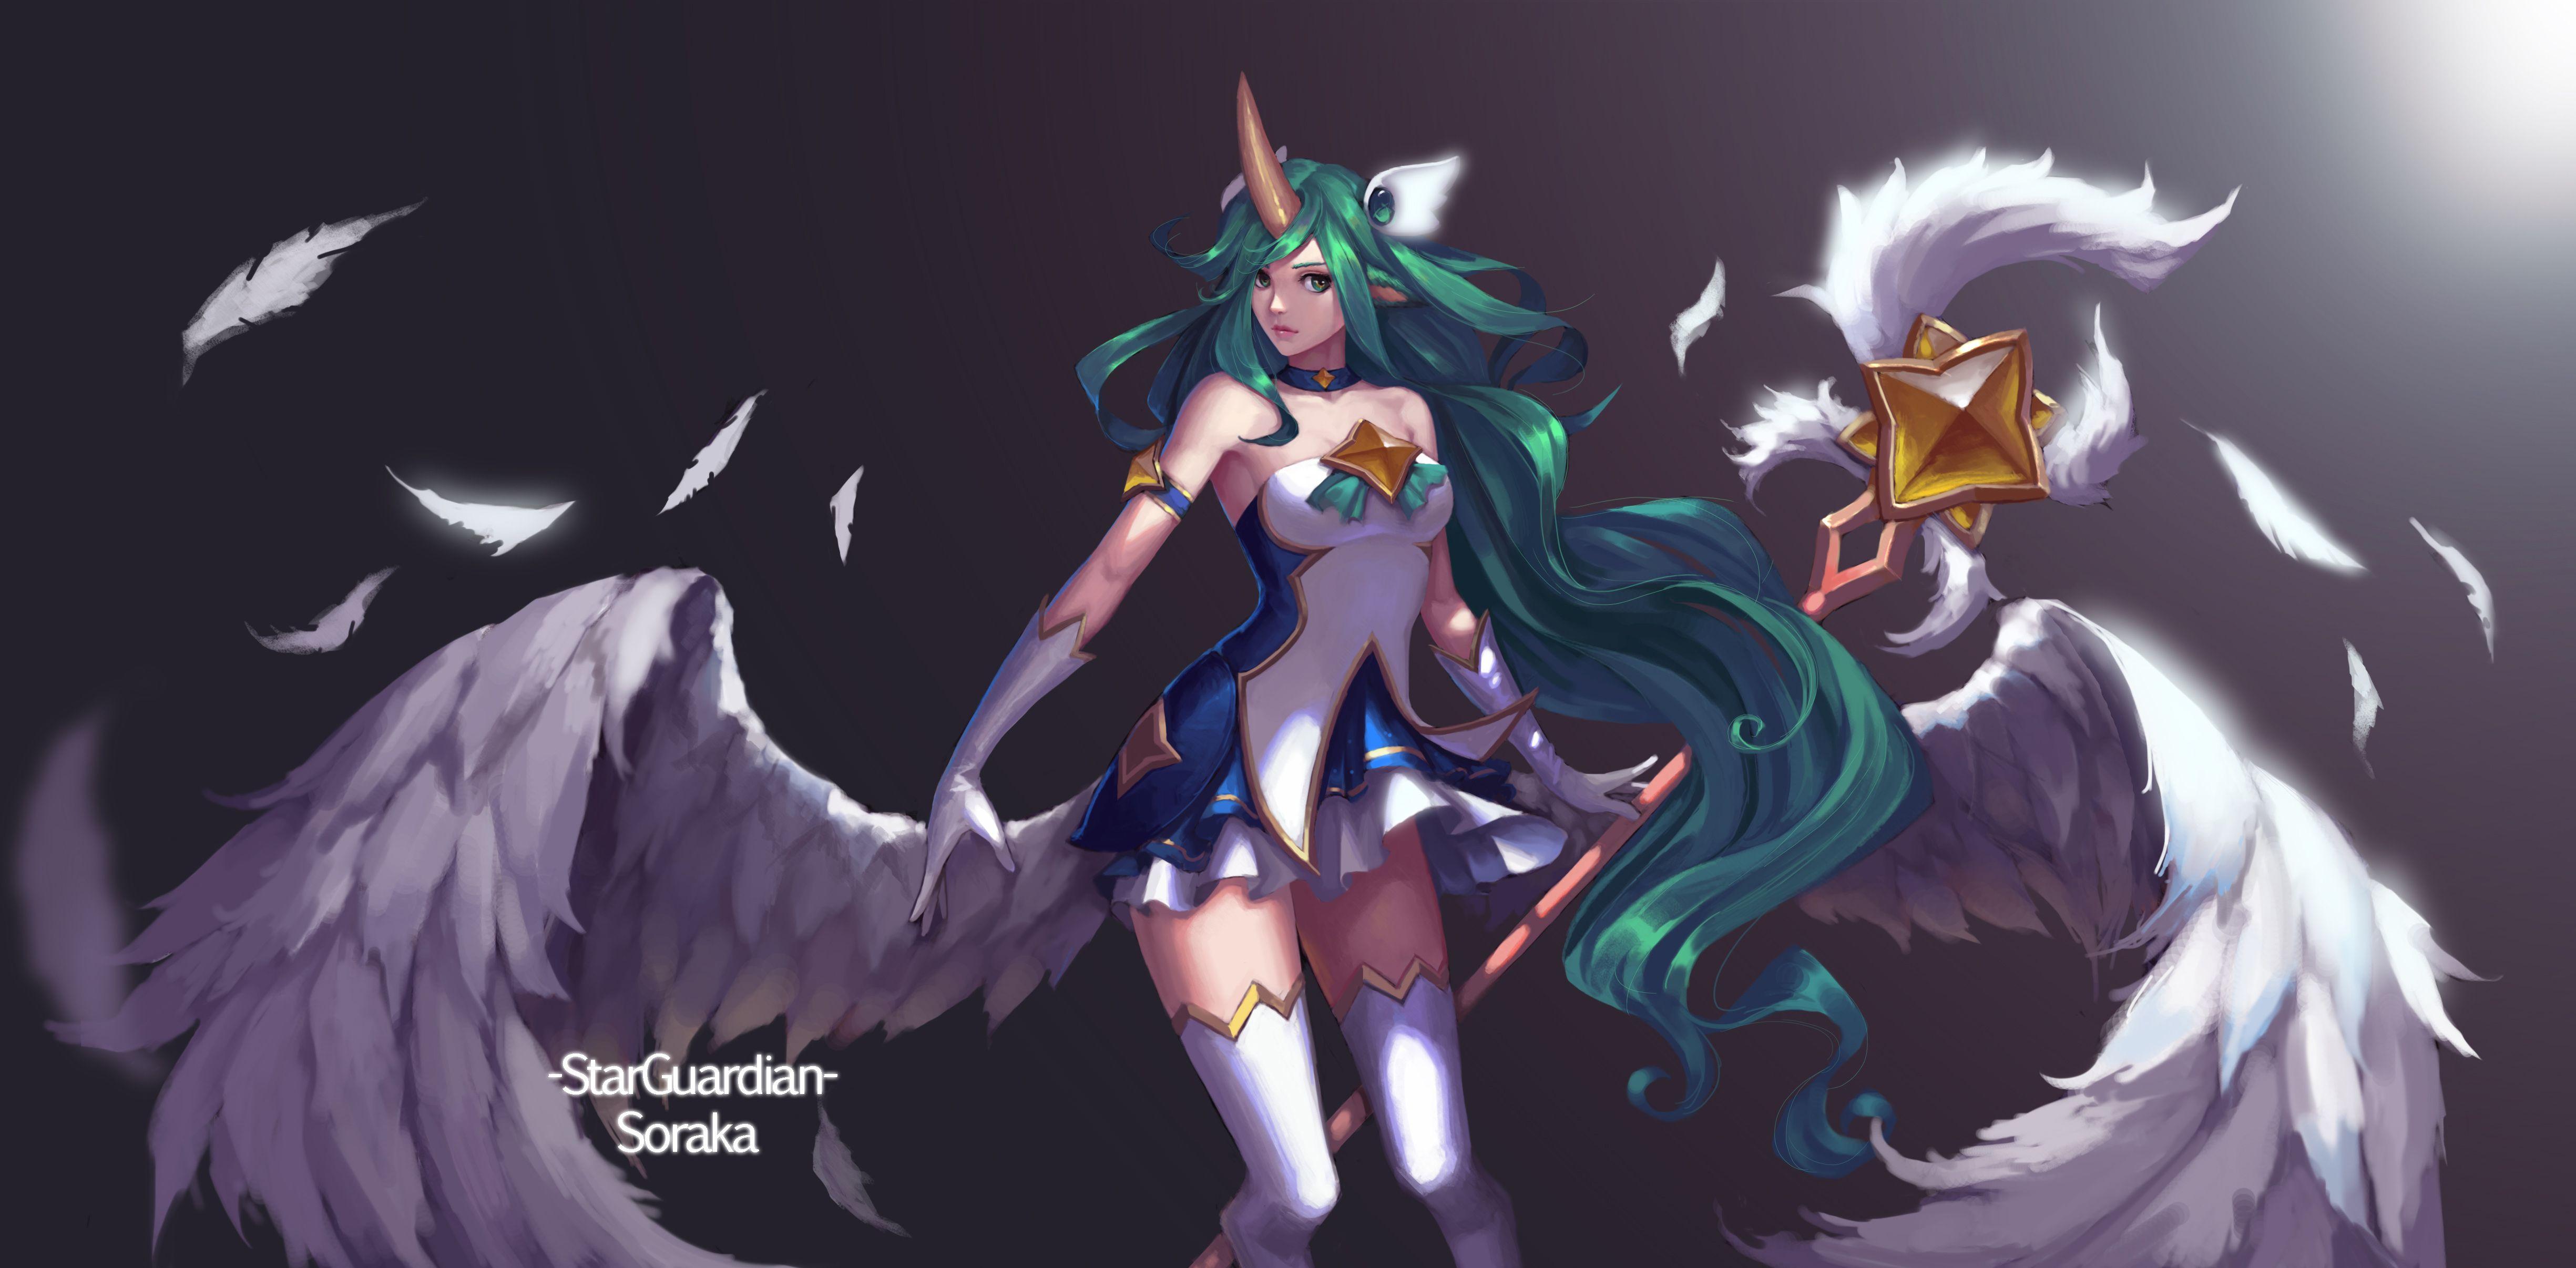 Soraka League Of Legends Animal Ears Anime Furry